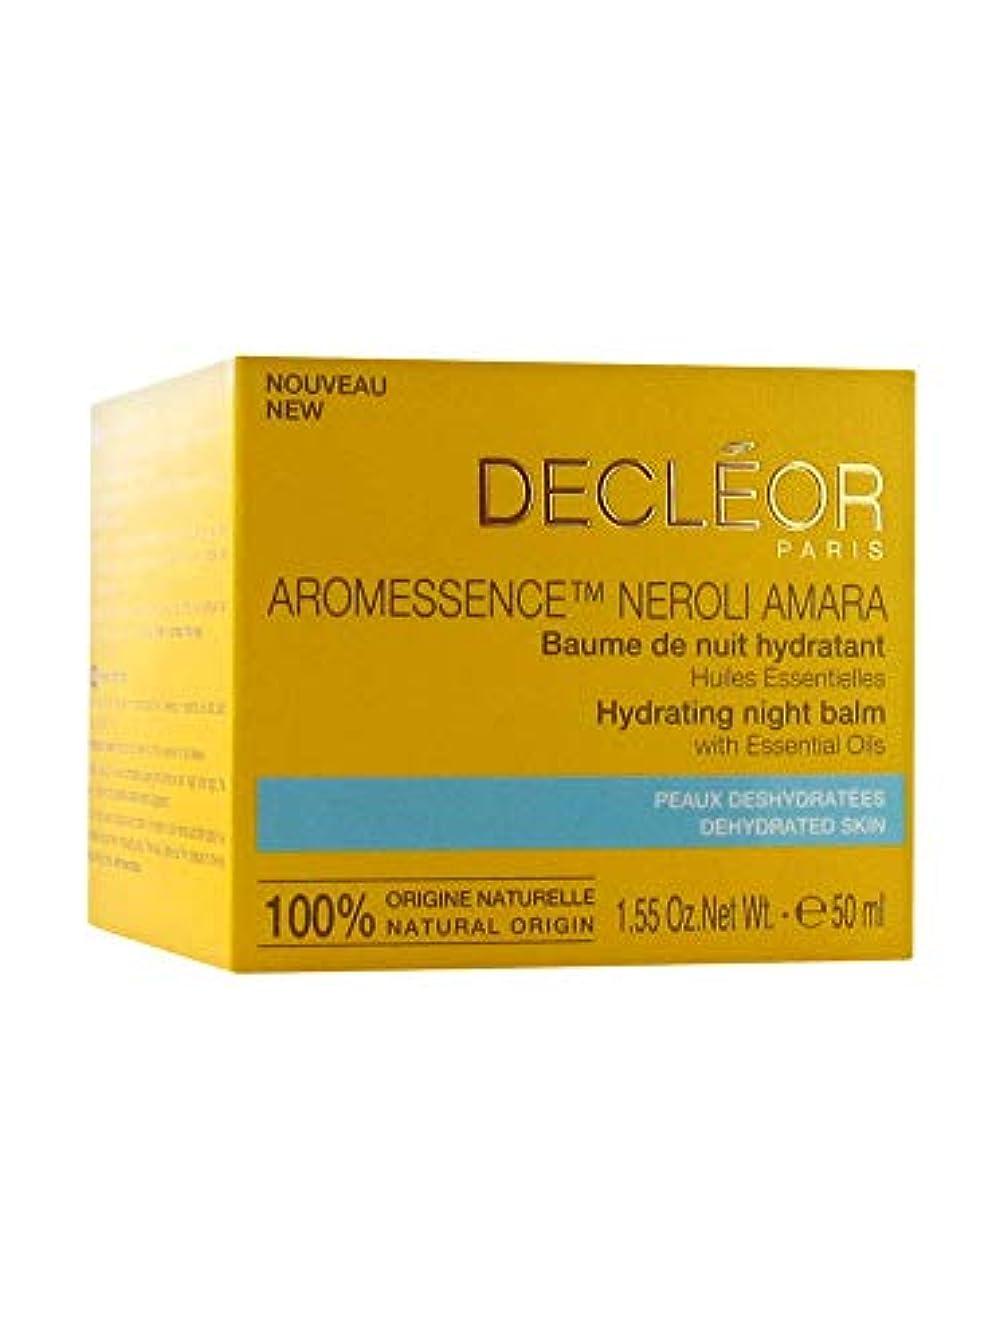 ブリーフケース水平コールドデクレオール Aromessence Neroli Amara Hydrating Night Balm - For Dehydrated Skin 50ml/1.55oz並行輸入品